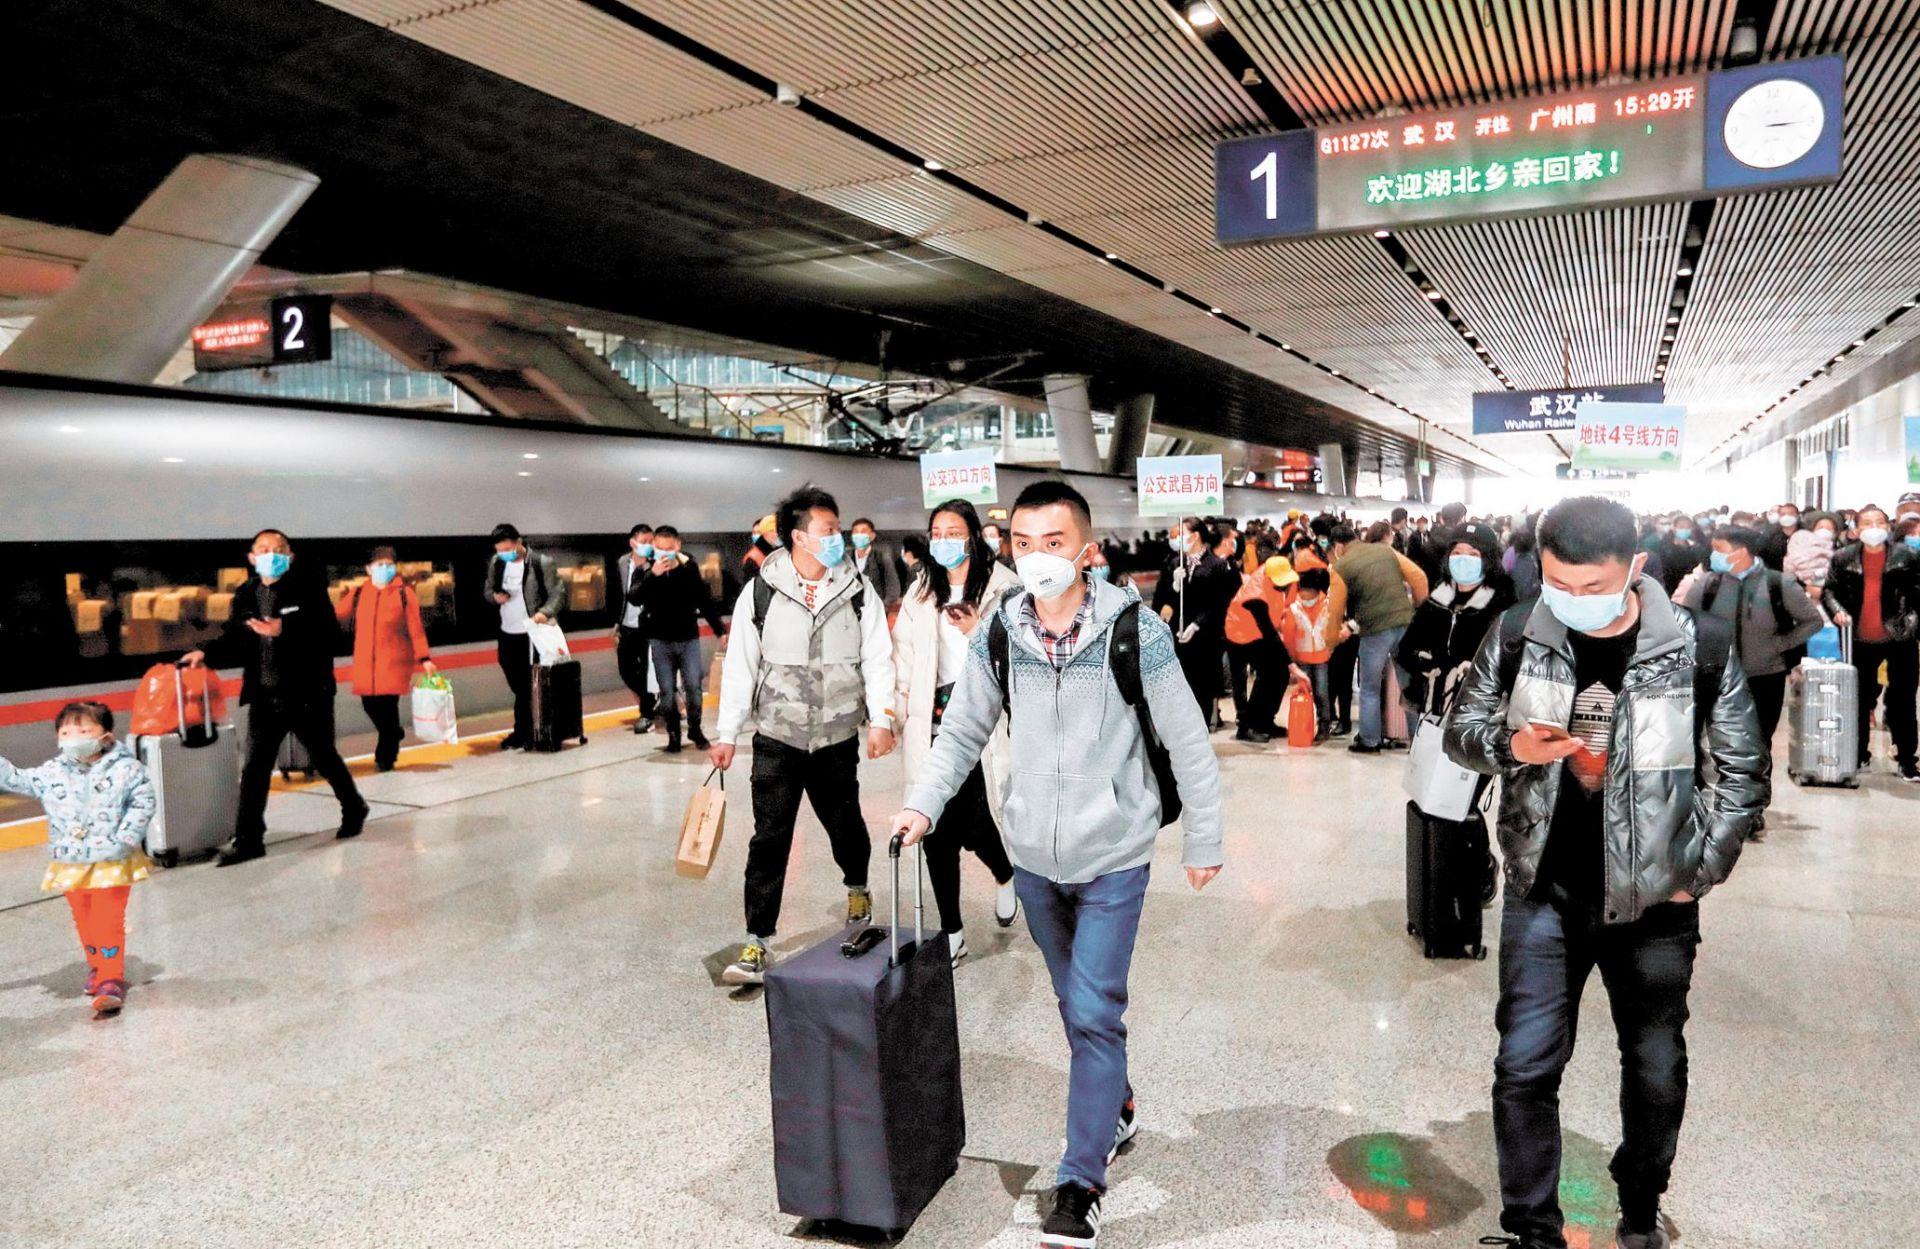 武汉铁路客运恢复到站业务首日,6万多人到达图片